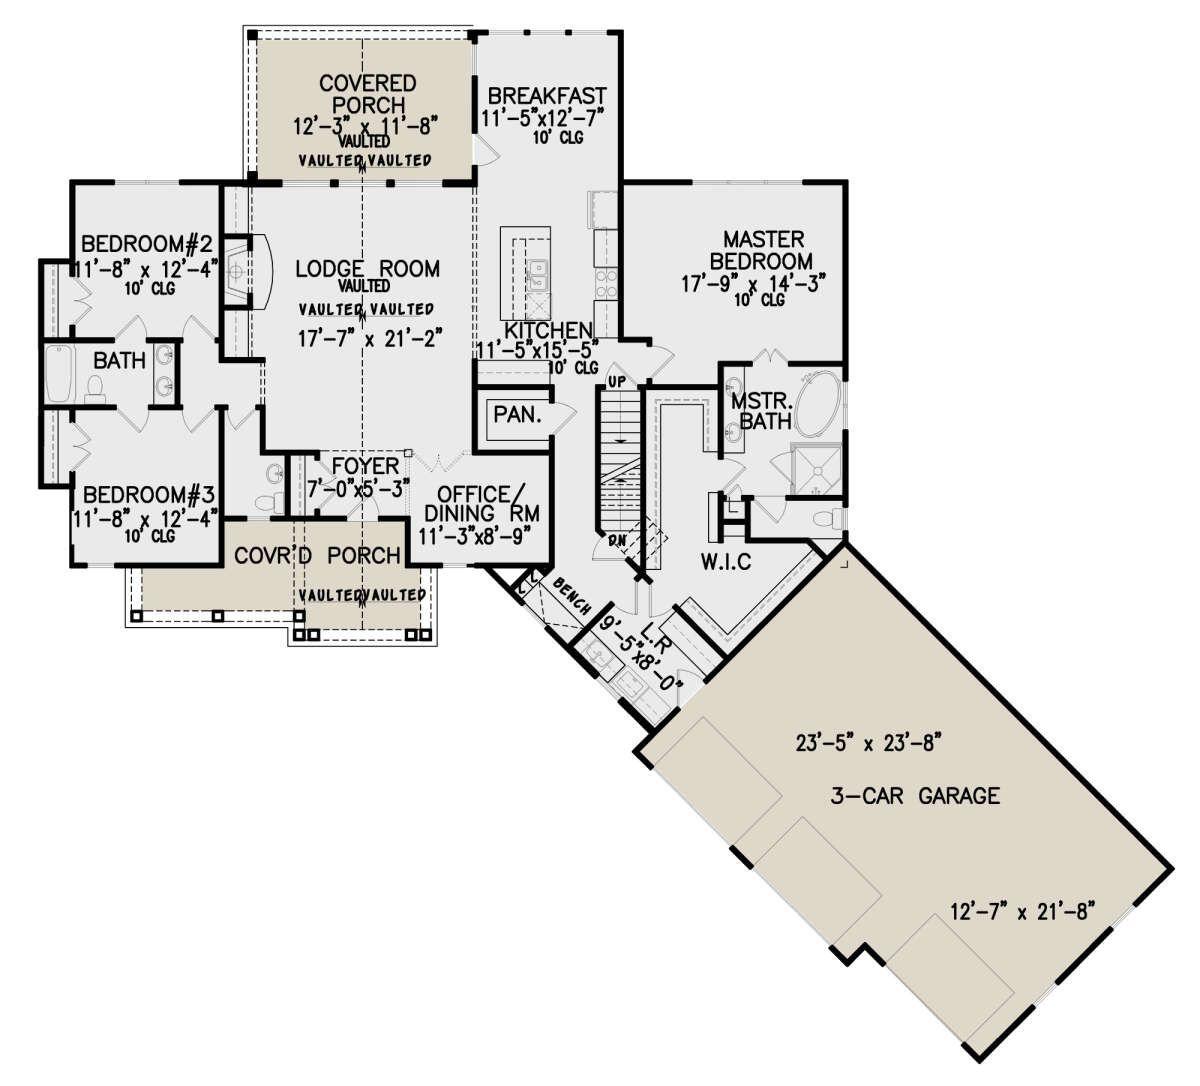 House Plan 699 00280 Craftsman Plan 2 243 Square Feet 3 Bedrooms 2 5 Bathrooms In 2020 How To Plan House Plans Square Feet